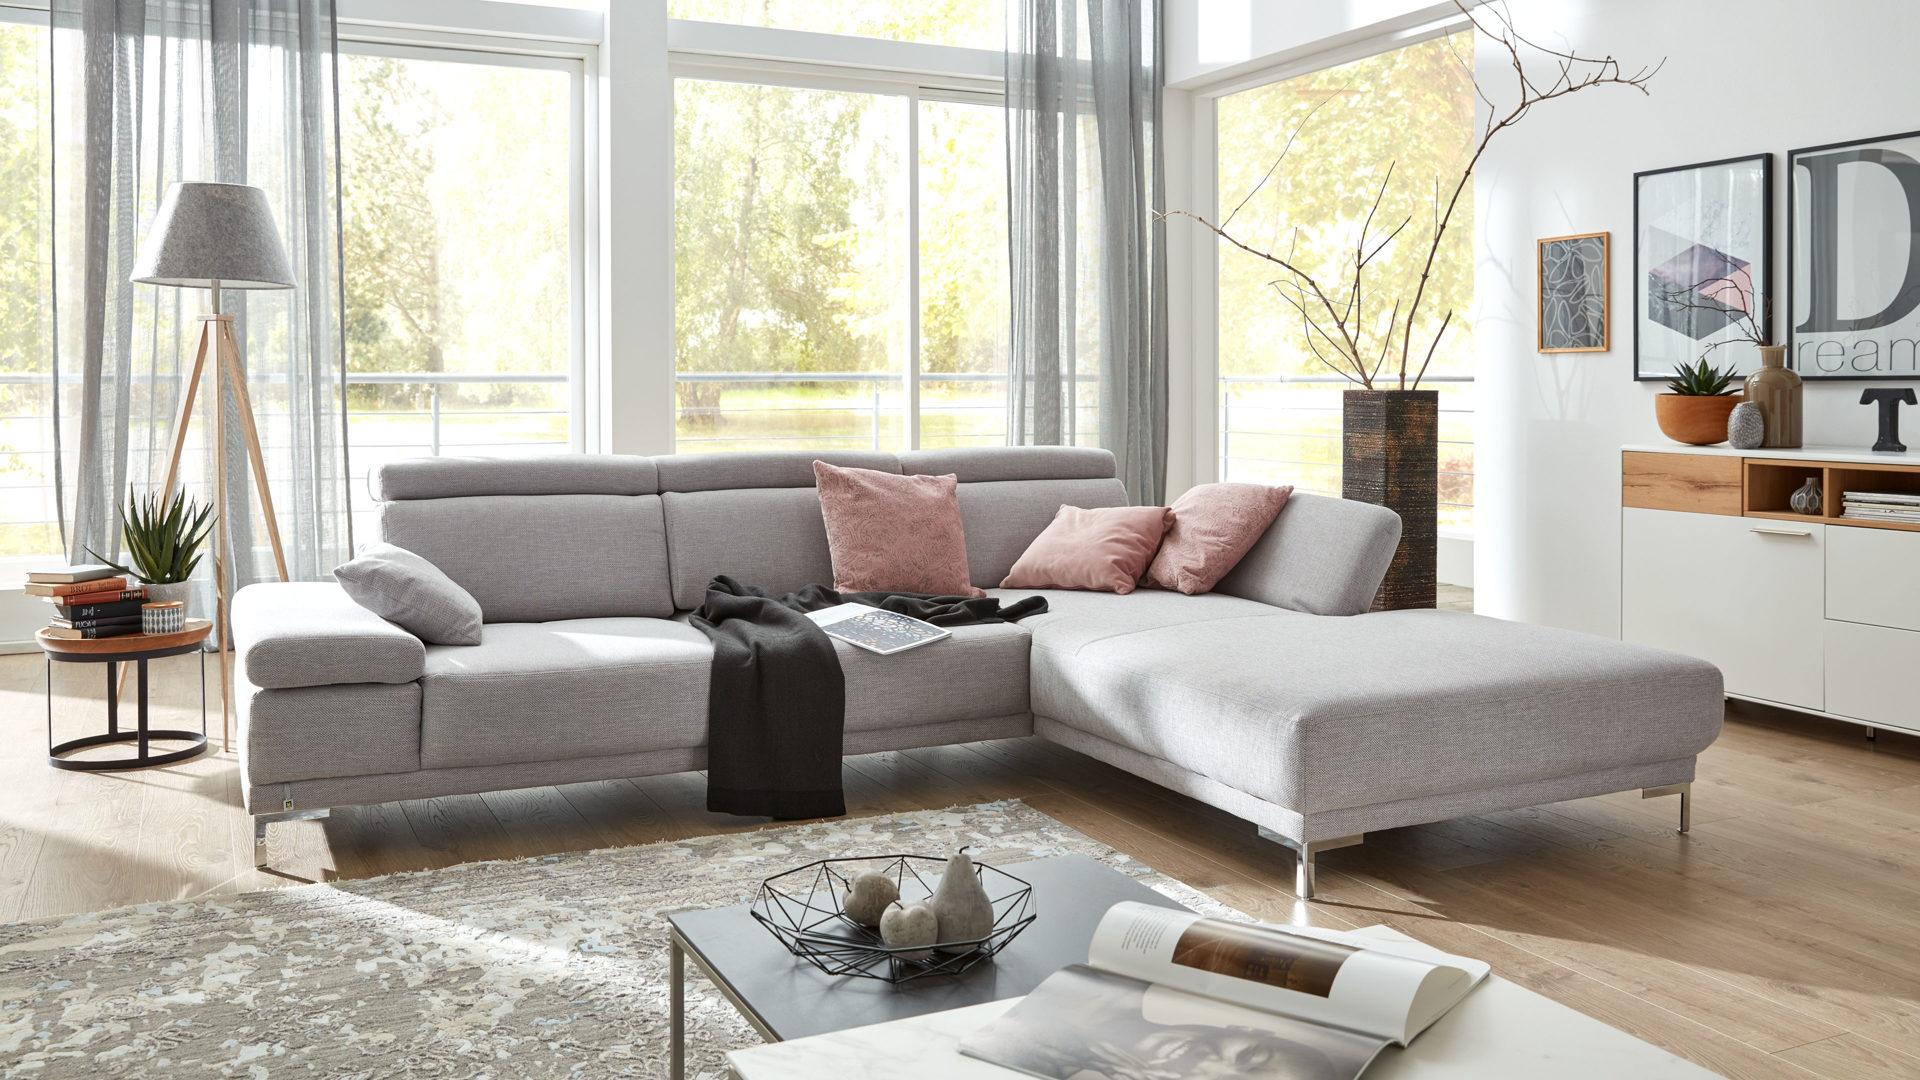 Wohnkauf Zeller Weilburg, Möbel A-Z, Interliving, Interliving Sofa